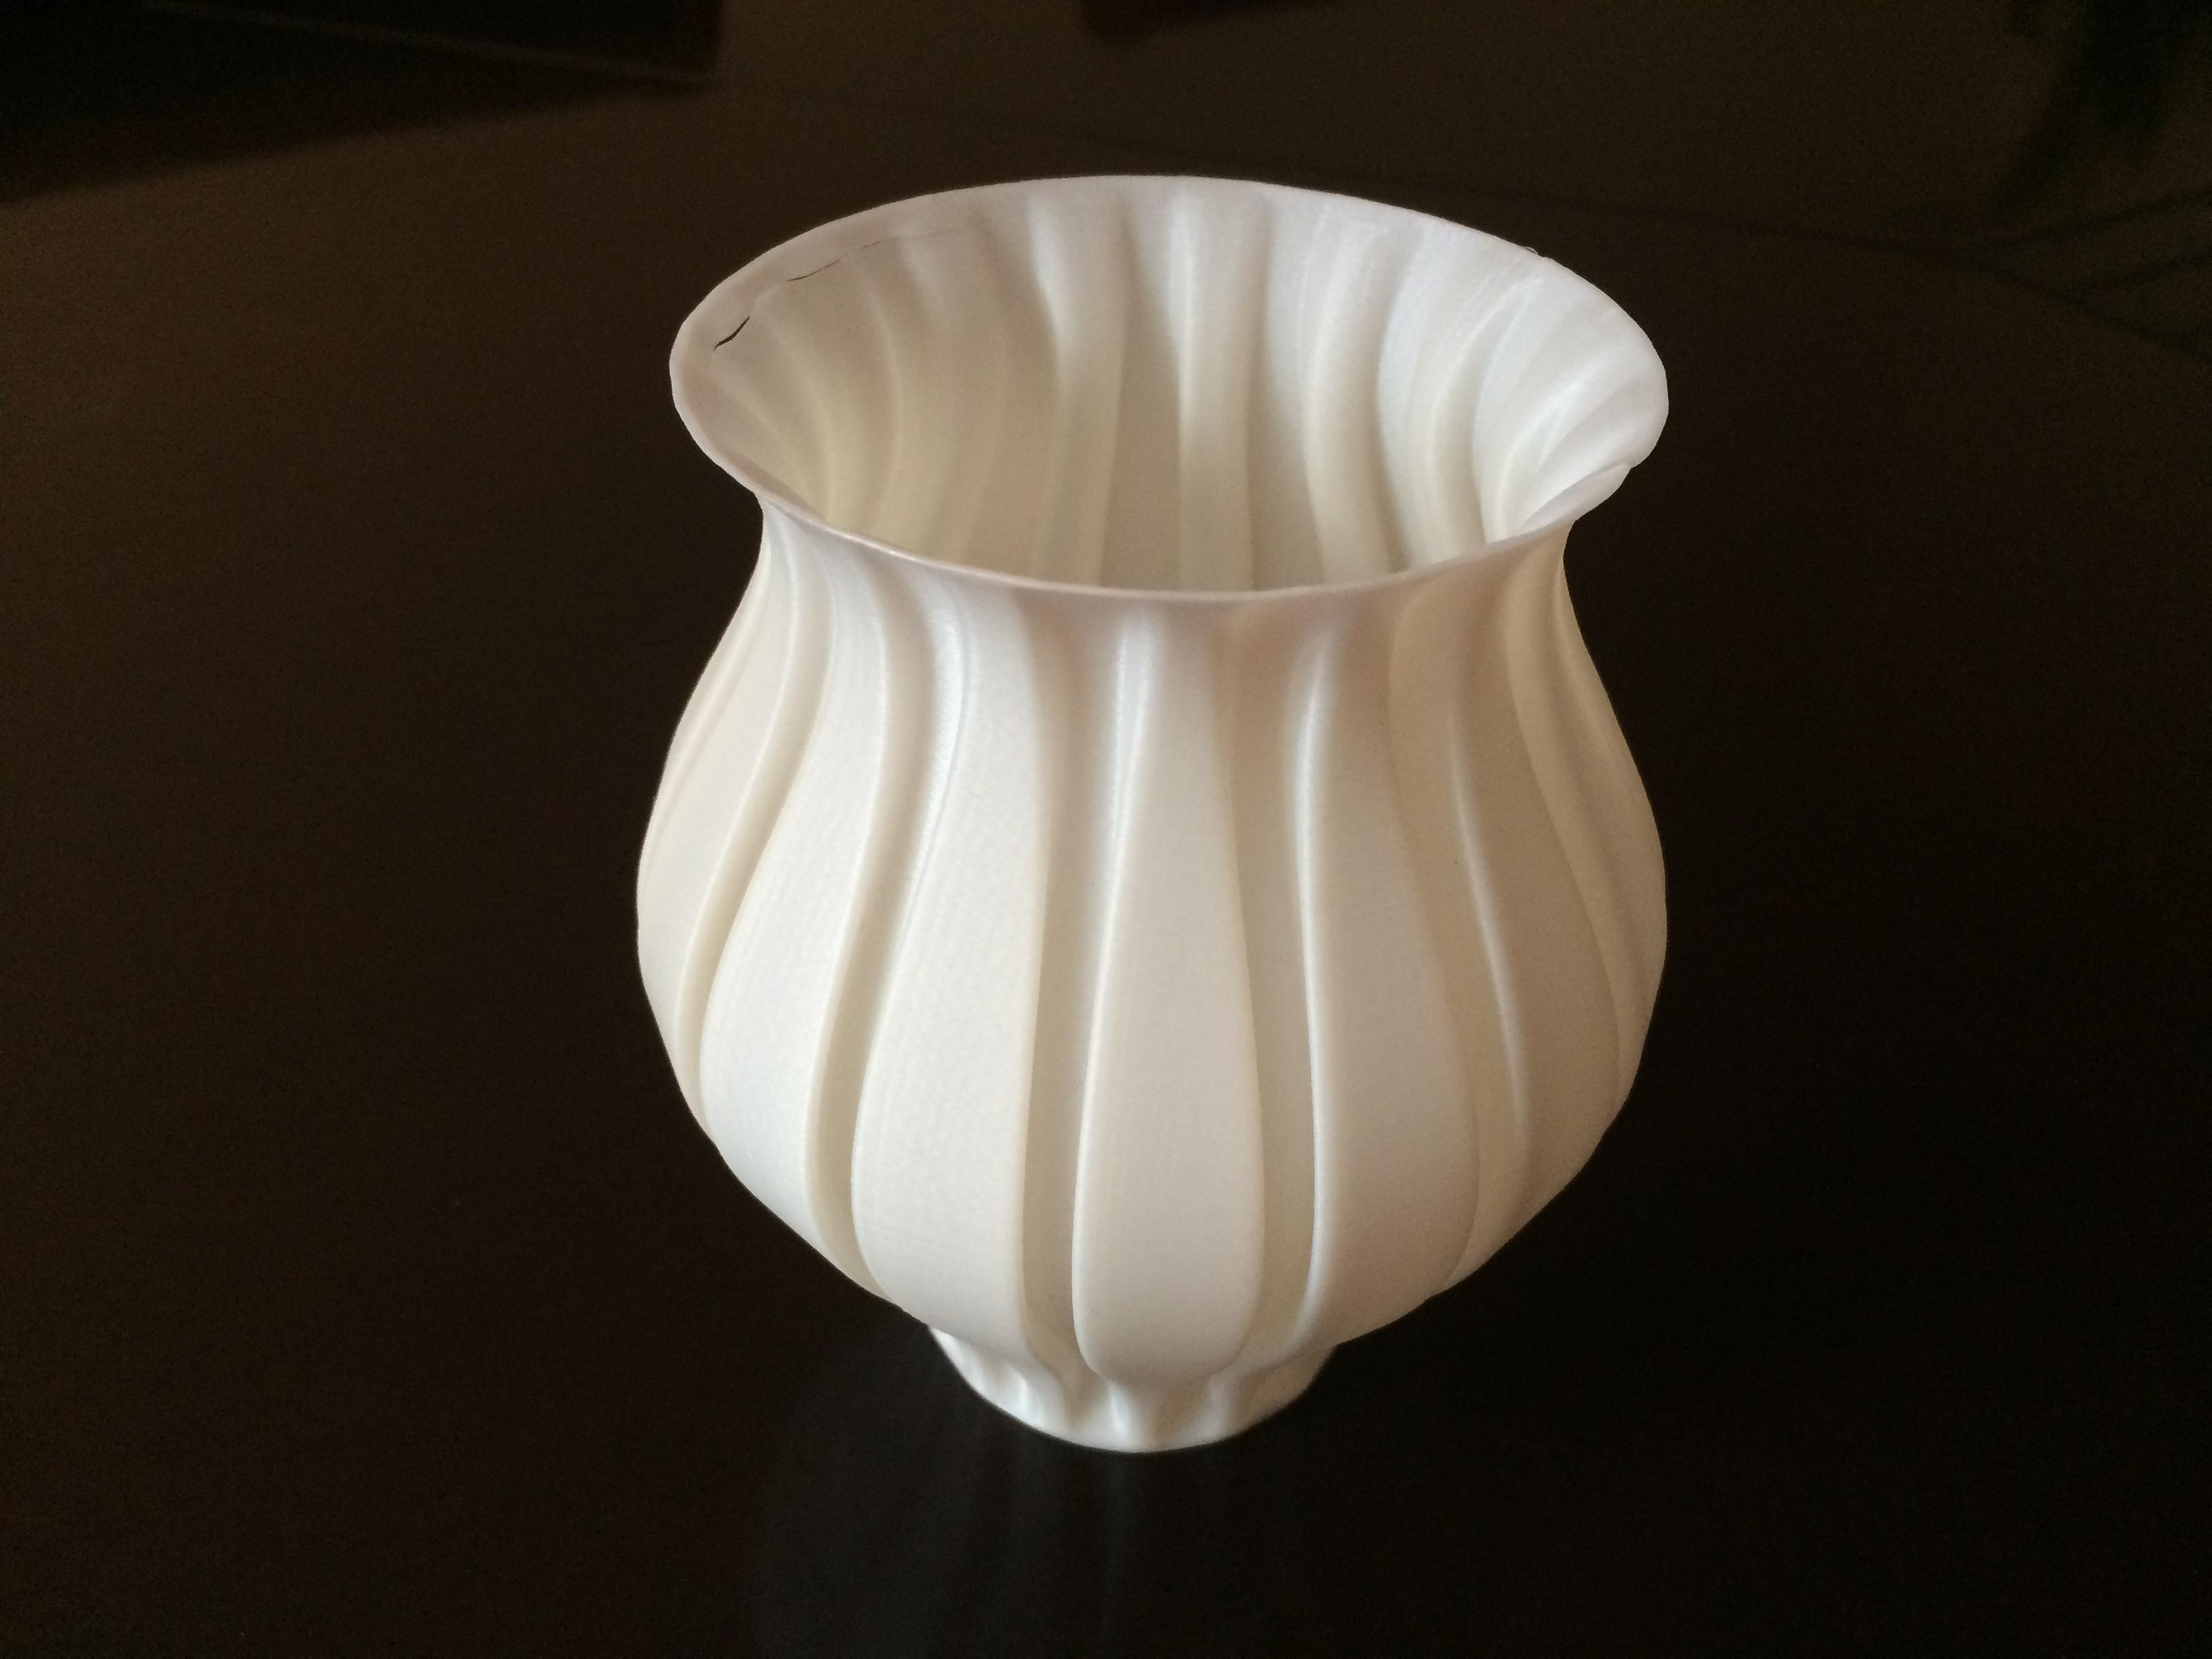 花瓶3D打印模型,花瓶3D模型下载,3D打印花瓶模型下载,花瓶3D模型,花瓶STL格式文件,花瓶3D打印模型免费下载,3D打印模型库